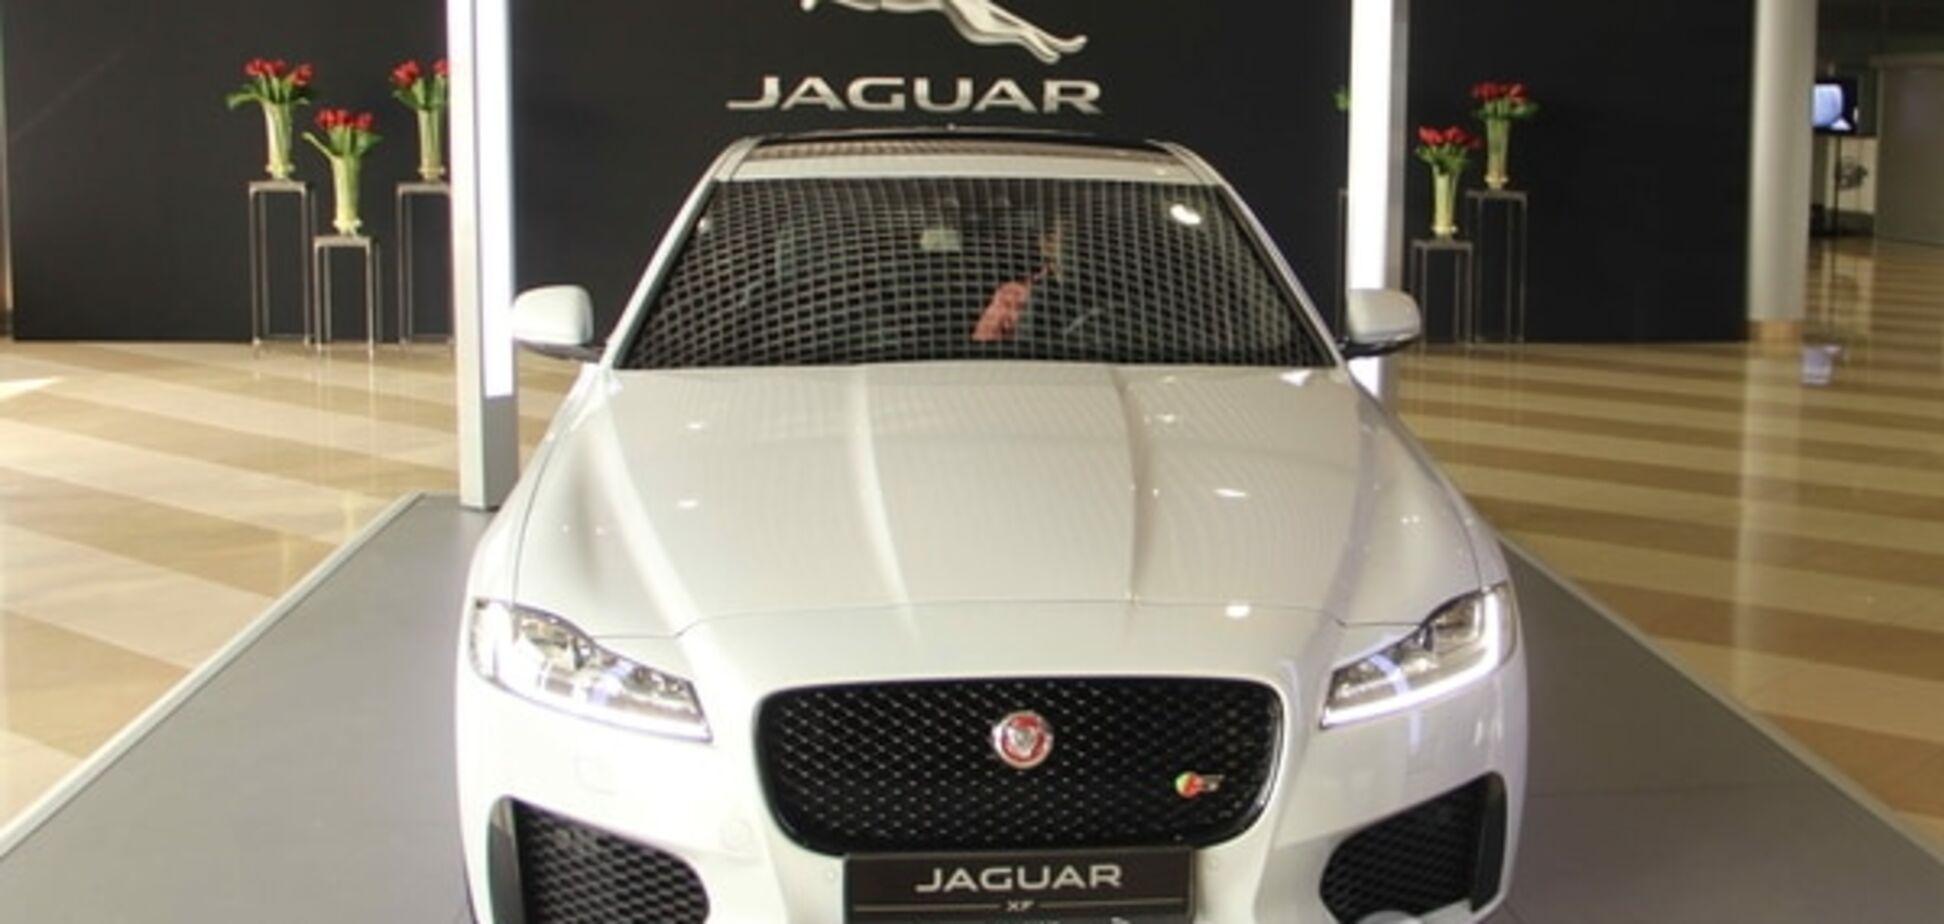 На взлетной полосе Борисполя 'засветился' новый Jaguar XF: эксклюзивные фото